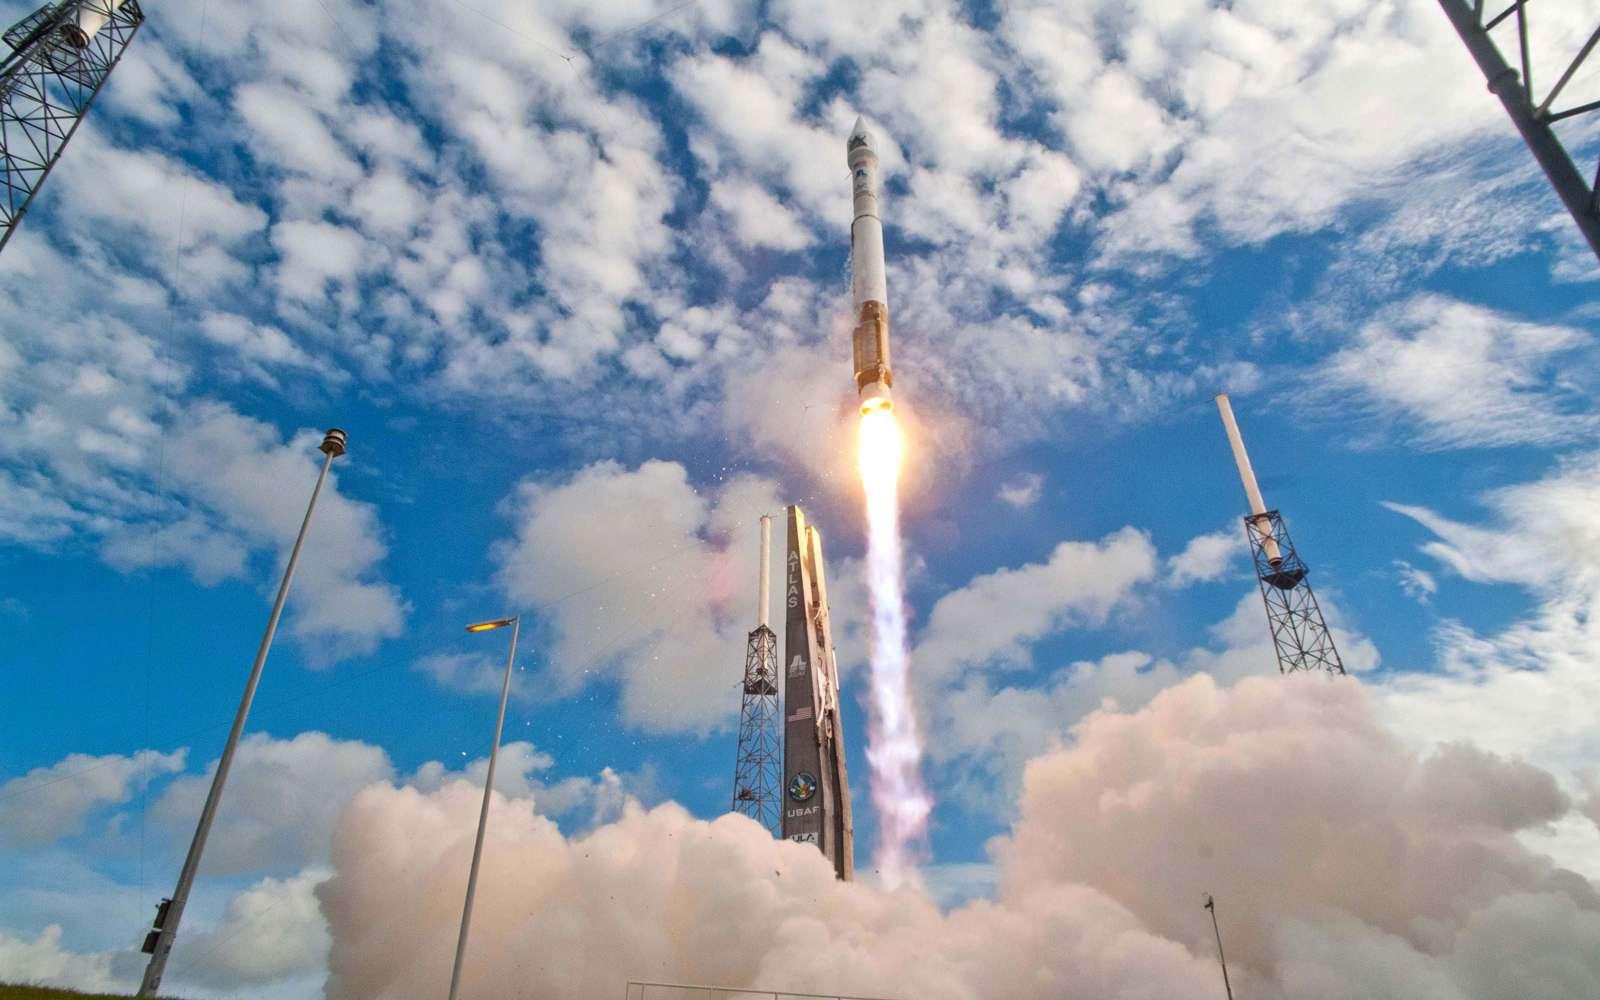 Lancement en novembre 2013 de la sonde Maven à destination de Mars. Ce lanceur sera également utilisé pour lancer le cargo Cygnus d'Orbital Sciences à destination de la Station spatiale internationale. © Nasa, ULA